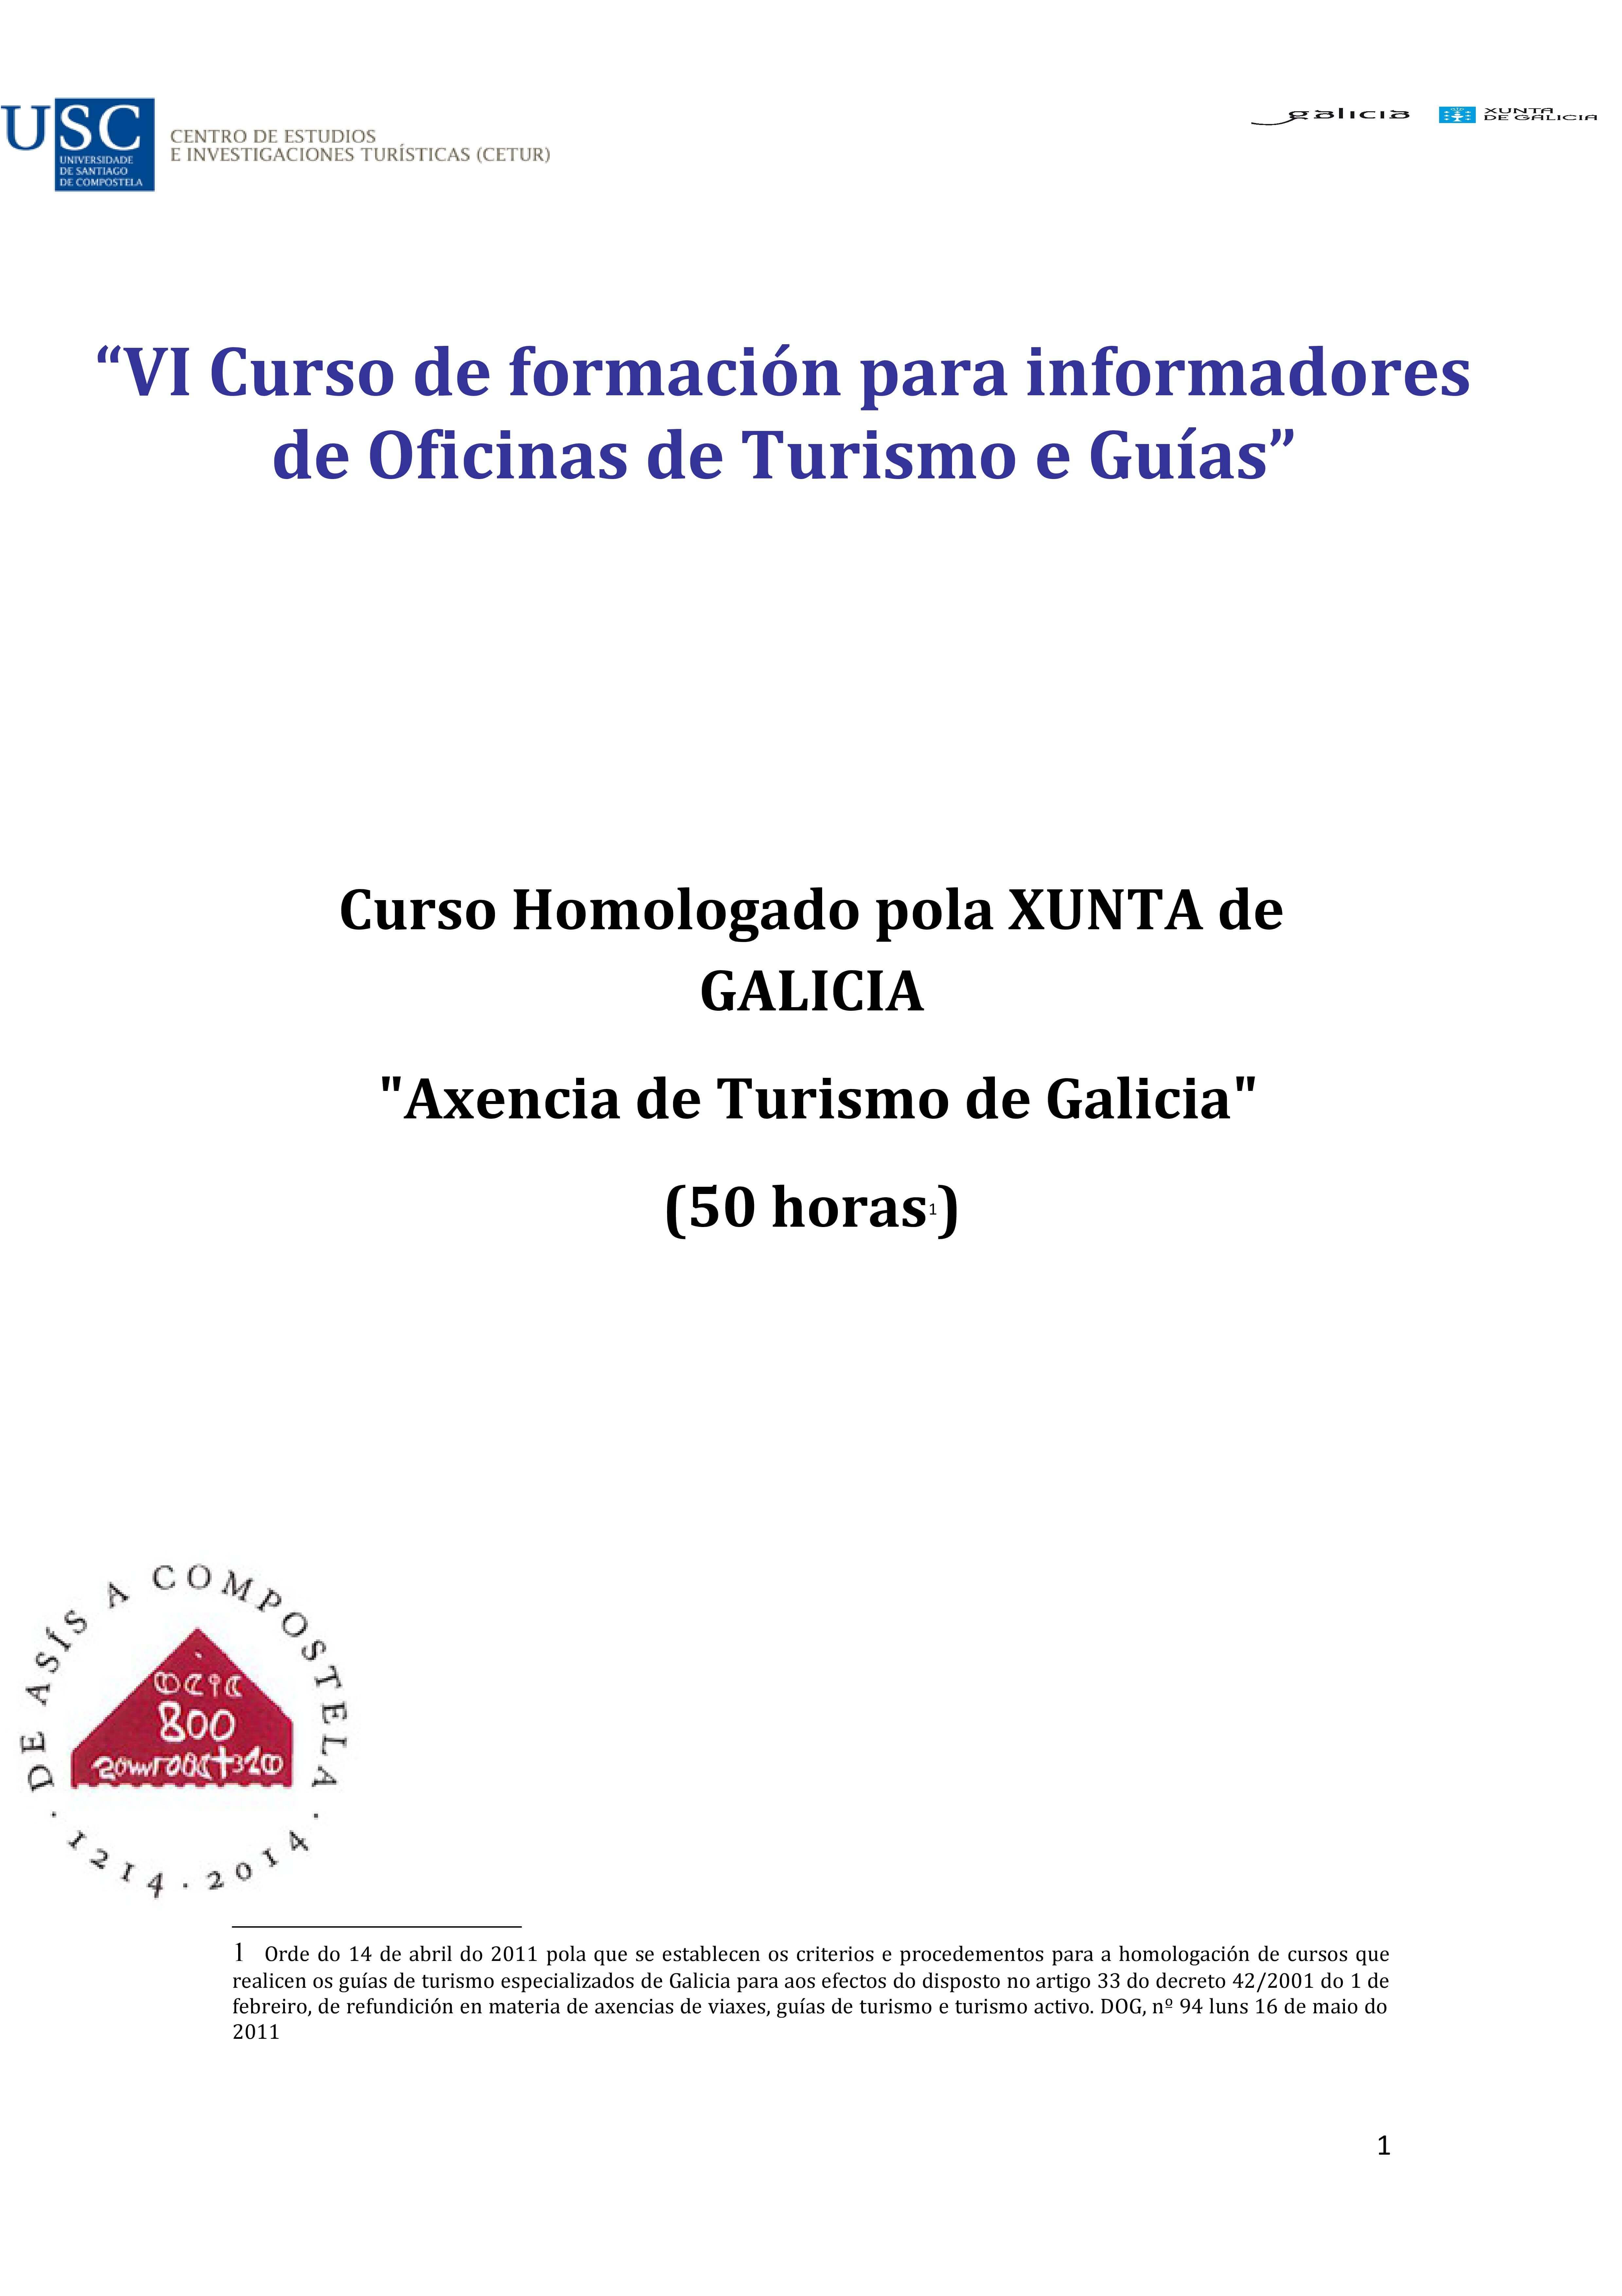 Curso de la USC para informadores de oficinas de turismo y guías